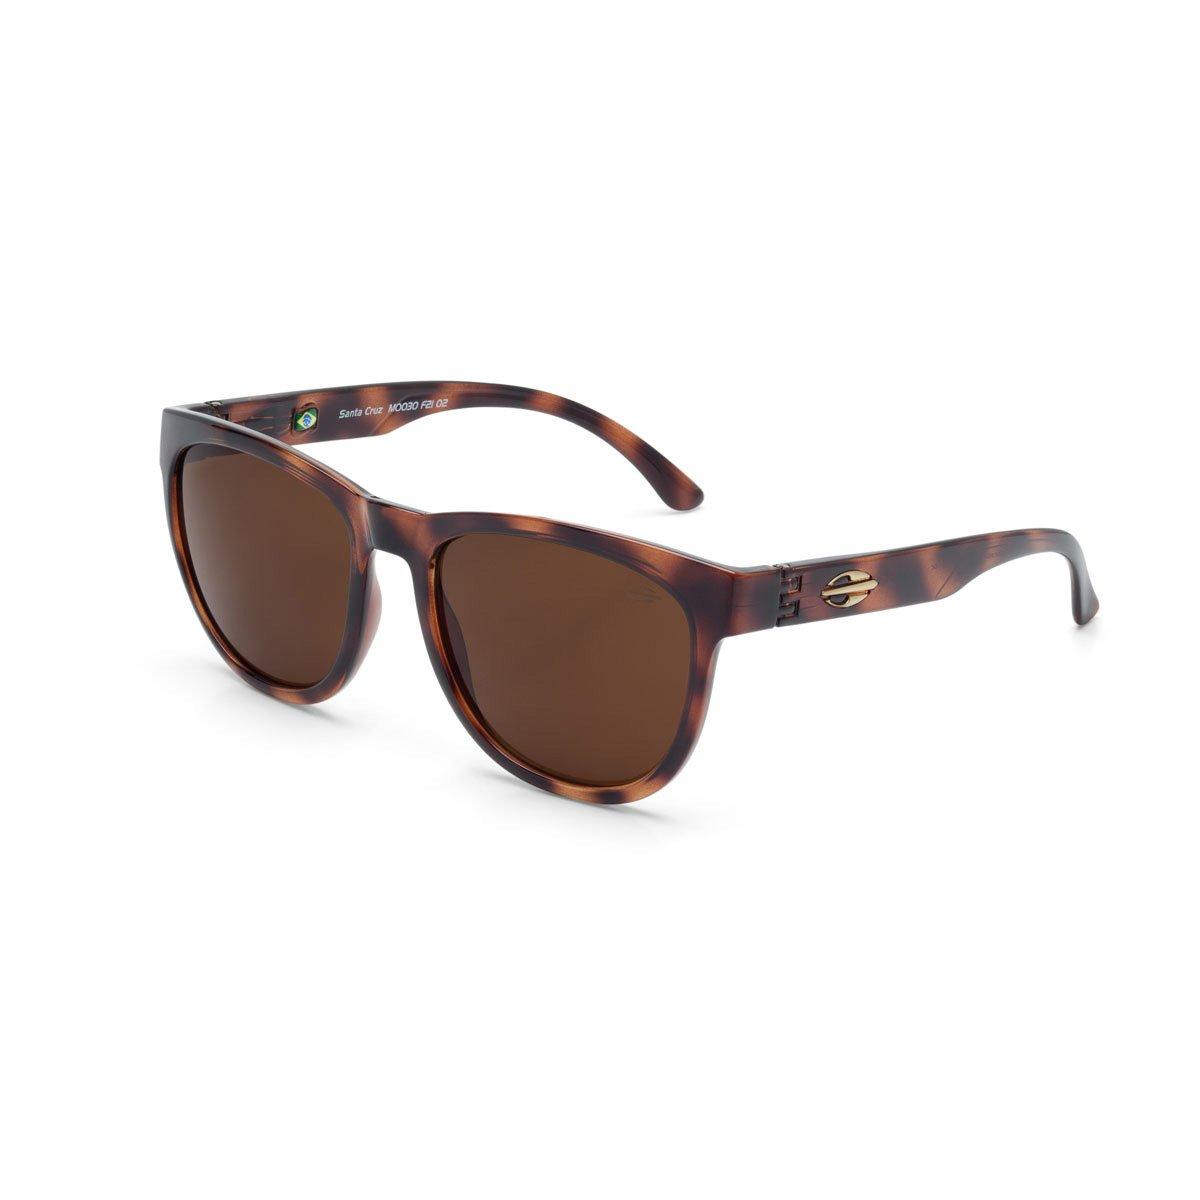 MORMAII Gafas de sol Santa Cruz, marrón con lentes marrón ...